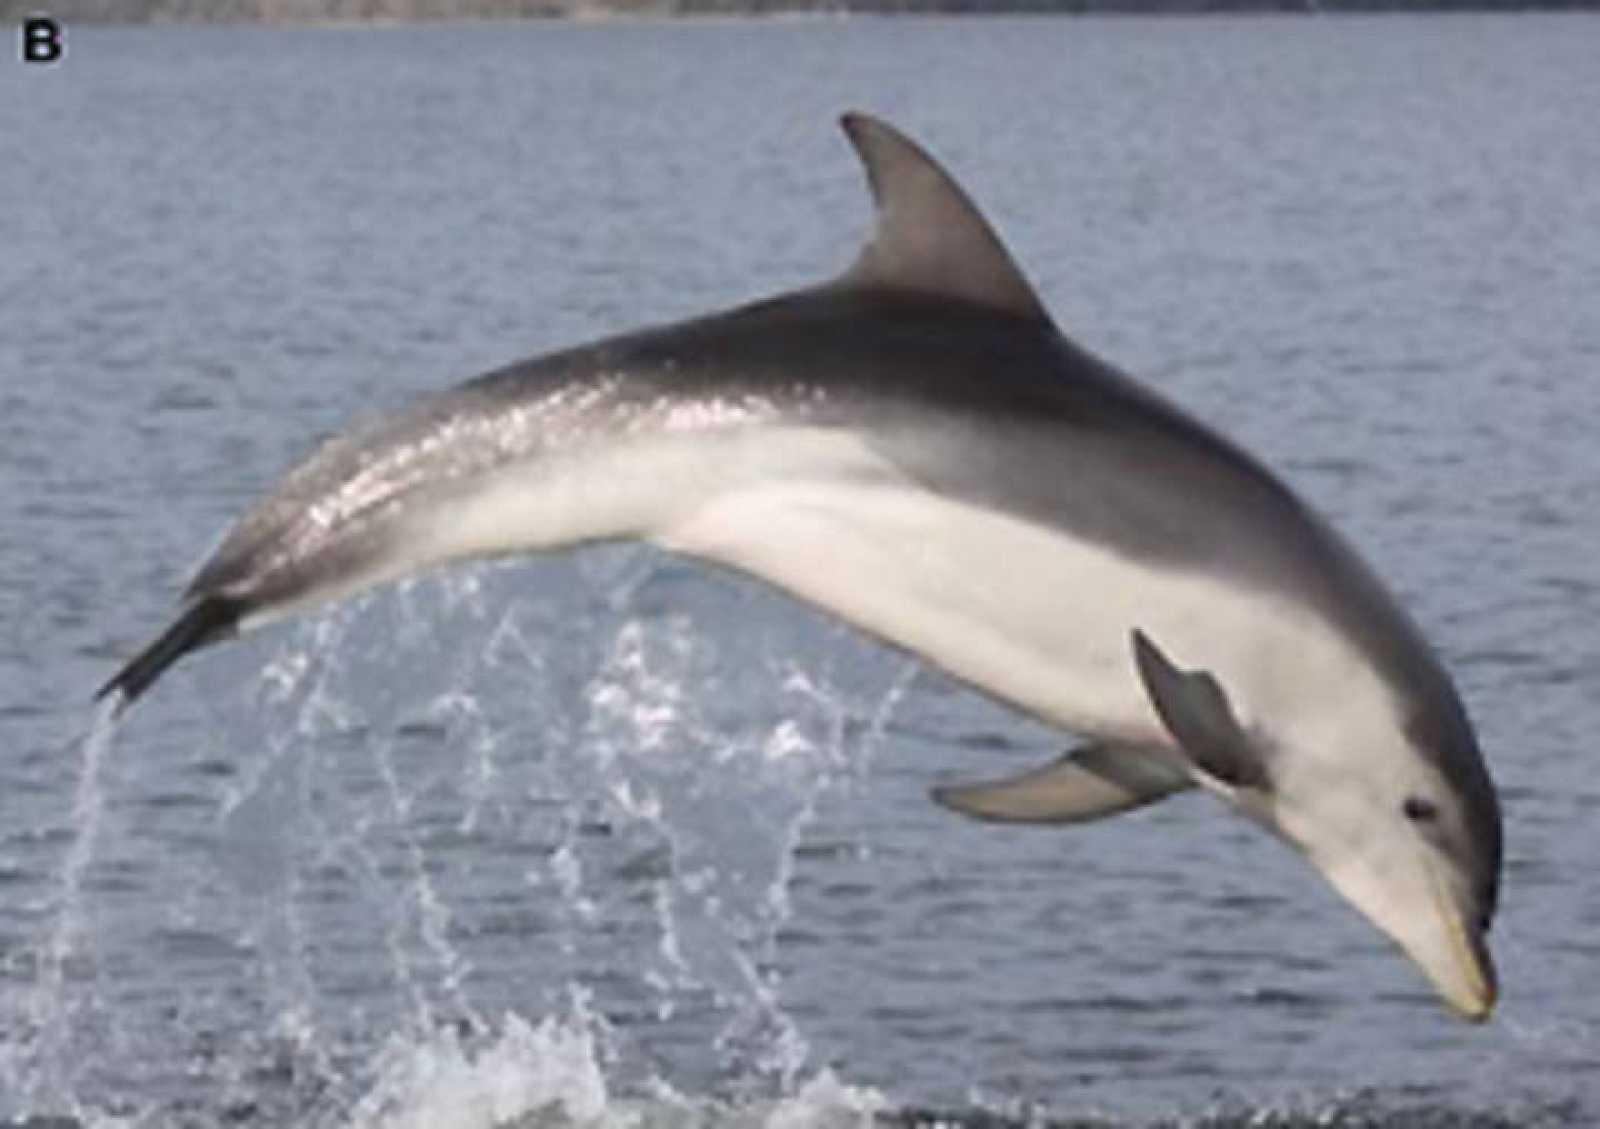 Descubren una nueva especie de delfín 'camuflada' en las aguas de Australia